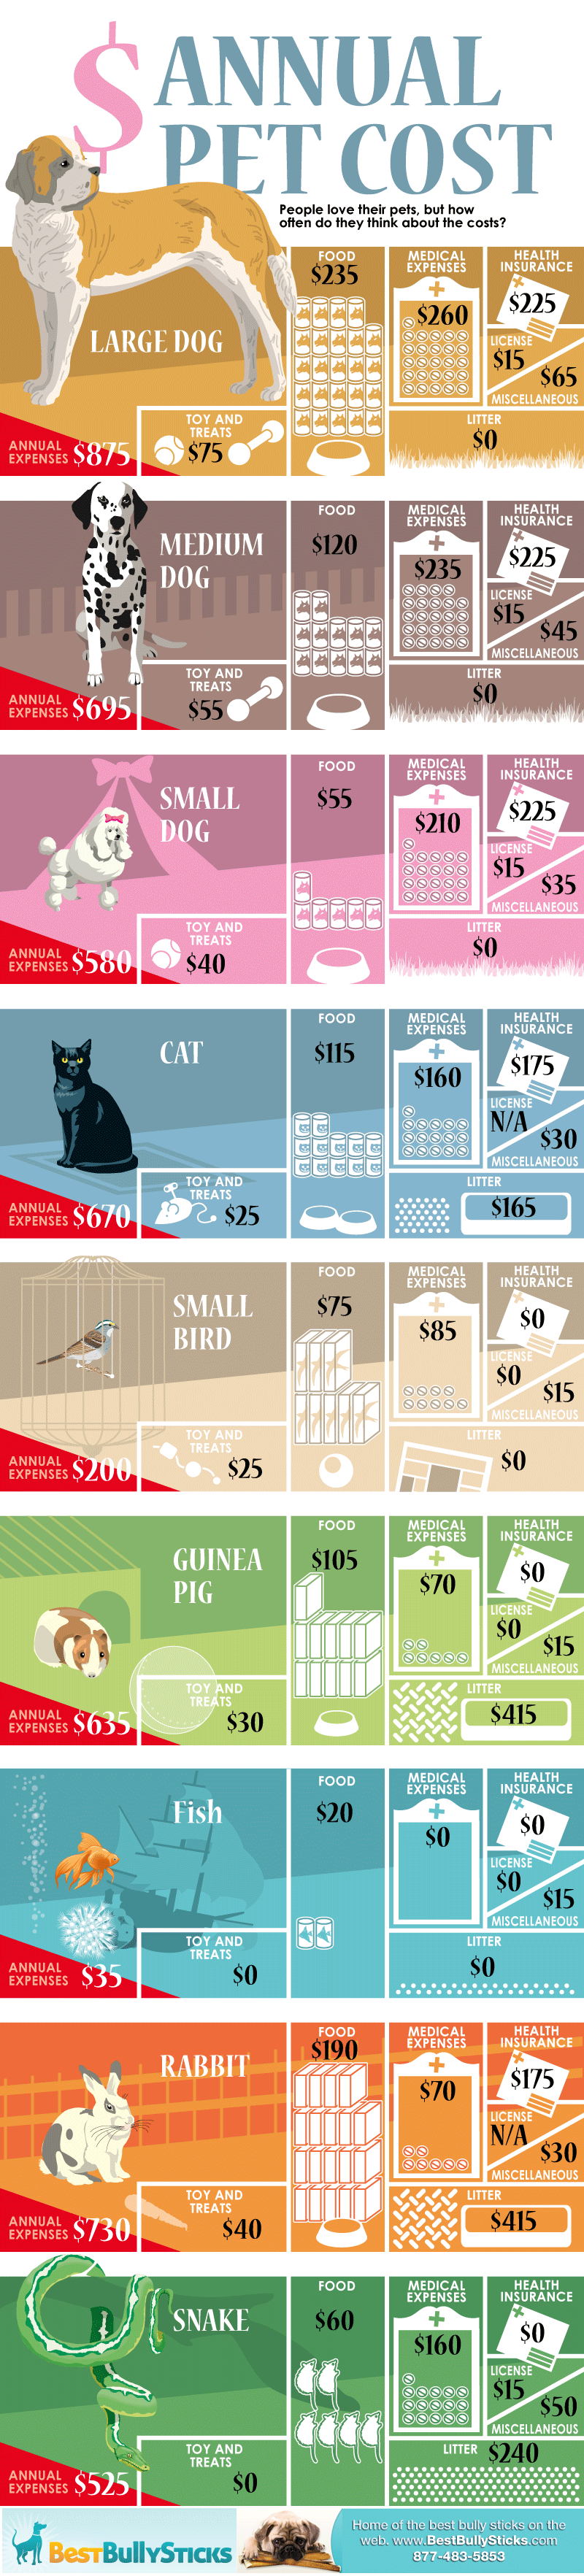 annual-cost-of-pets_51196de71a4a6.png